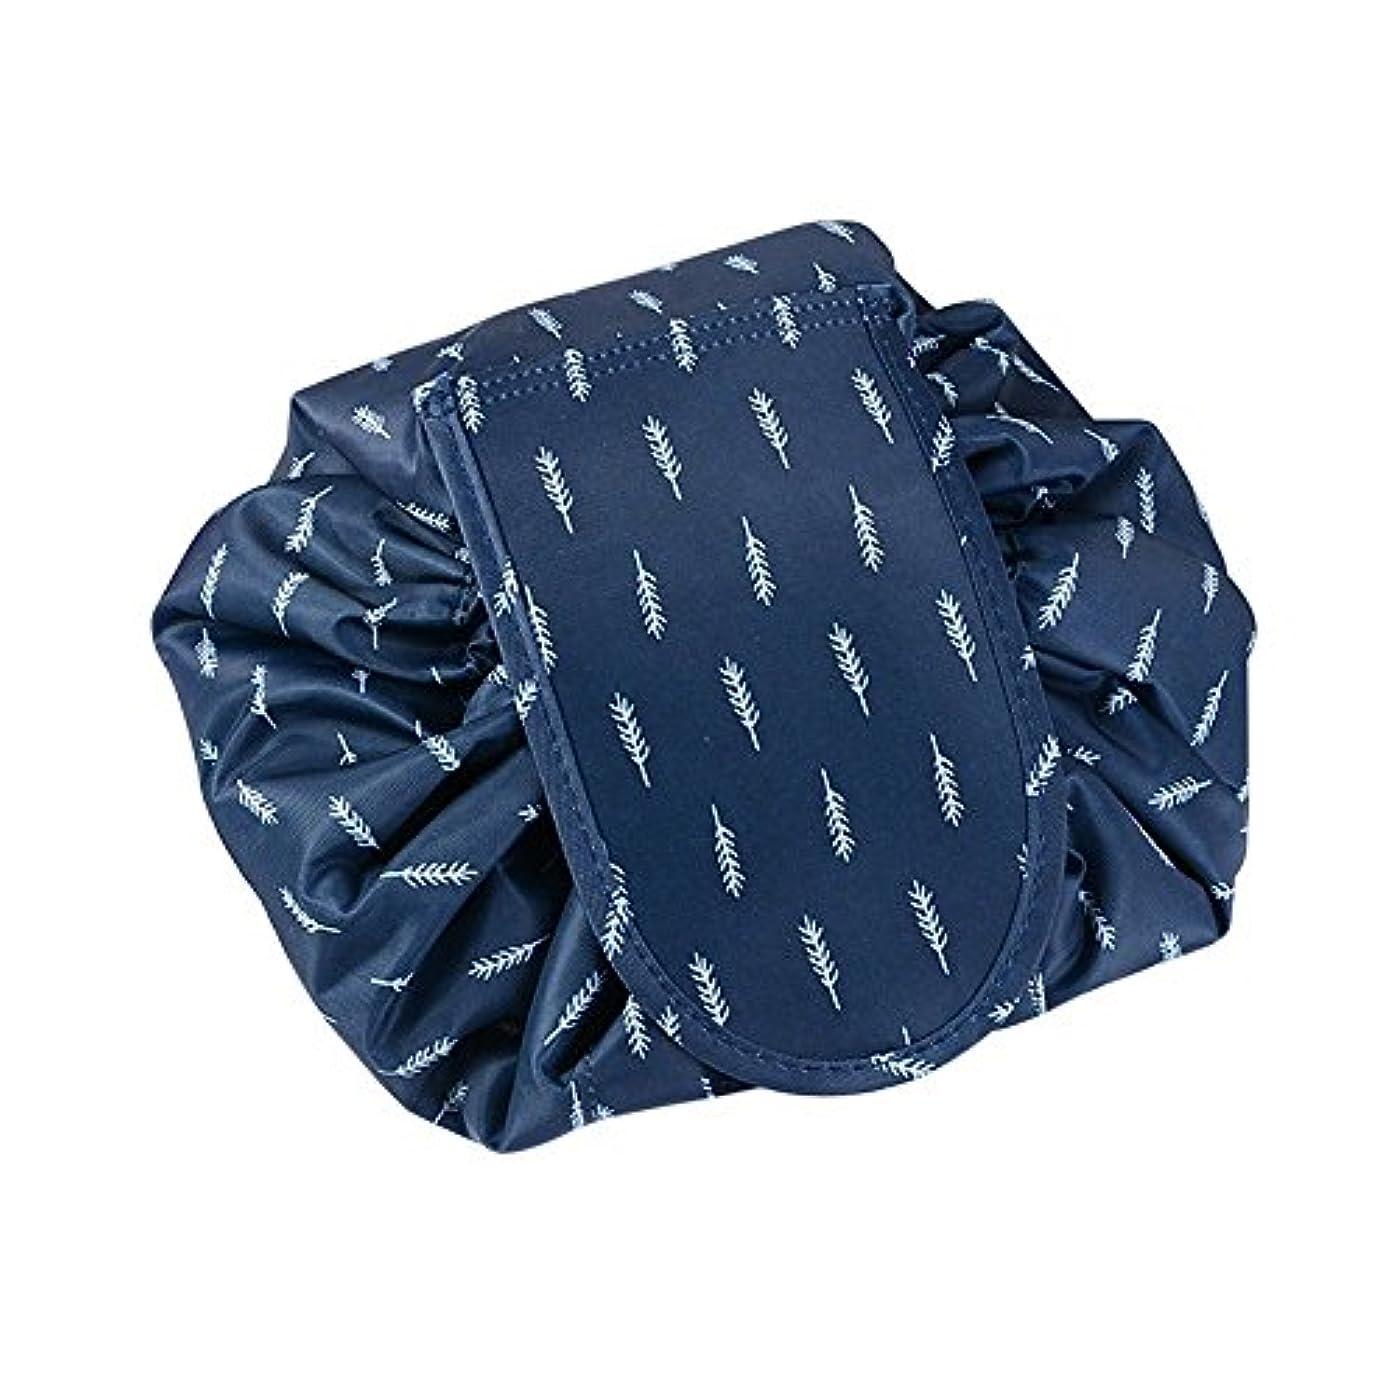 どきどき使用法しなやか旅行化粧バッグ ファッションお手軽カジュアル巾着旅行防水大容量の化粧バック (ブルー羽毛)